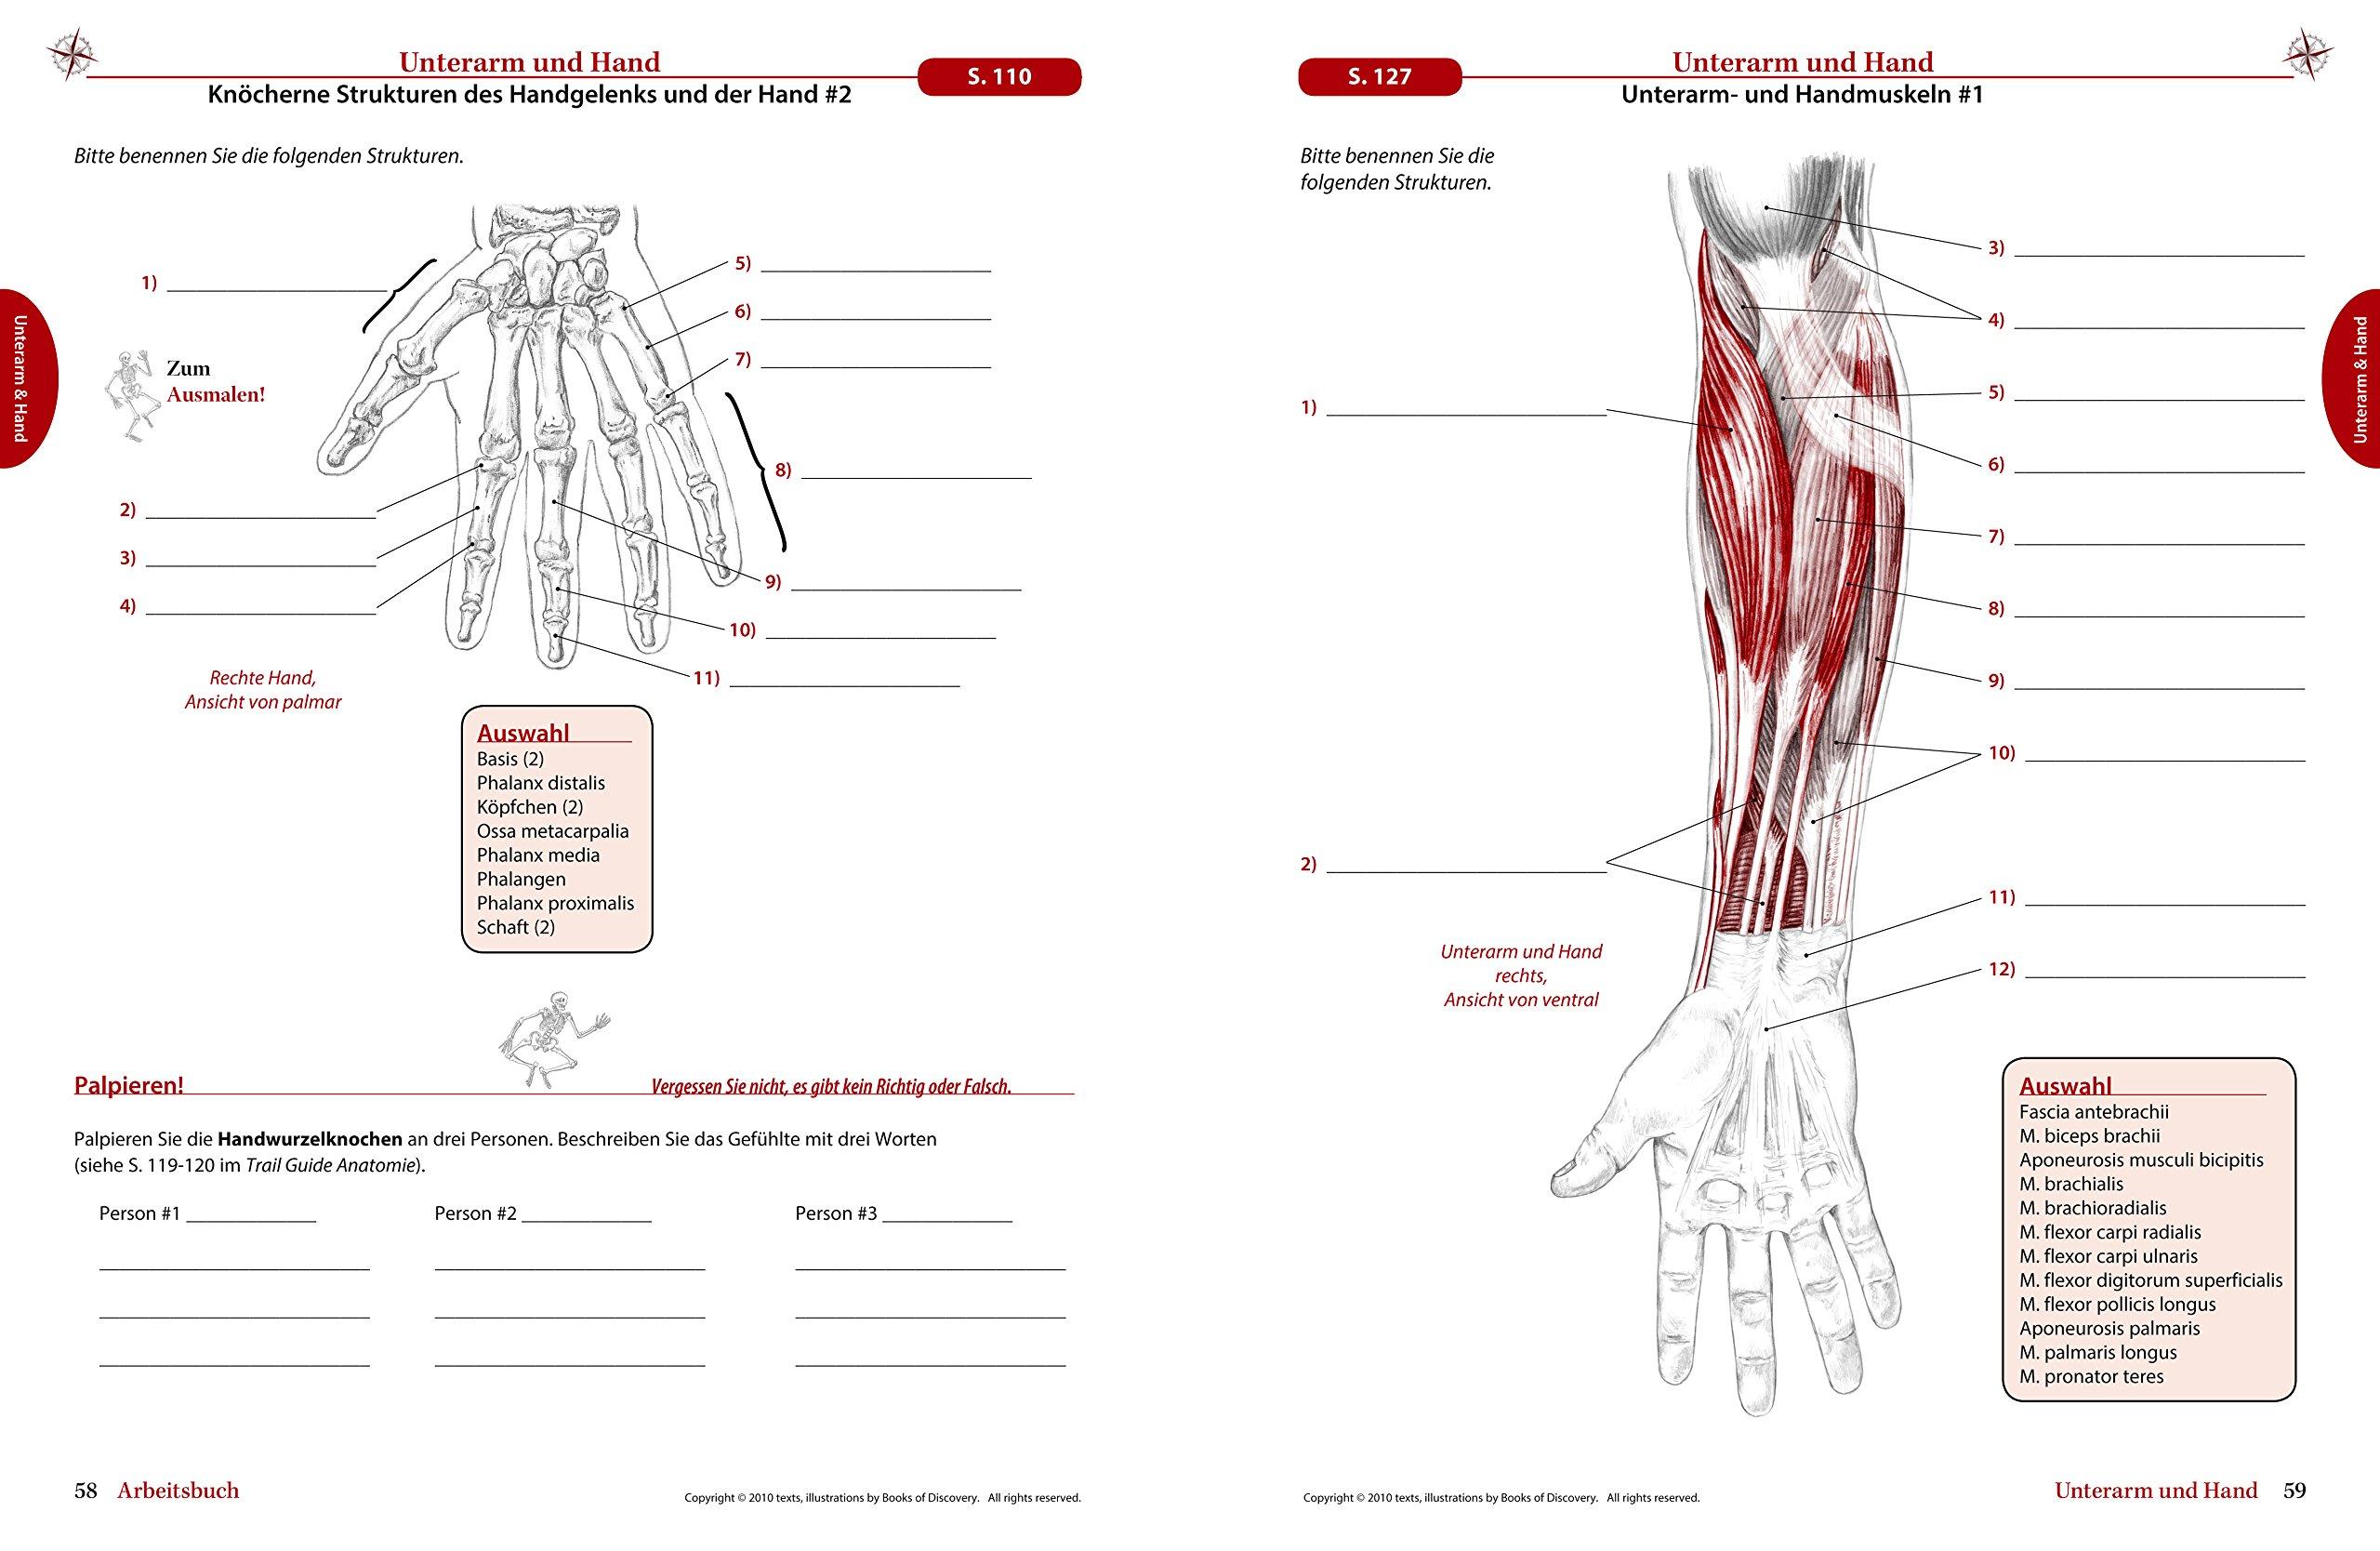 Trail Guide Anatomie Praktisch Begreifen Download Gallery - Ebooks ...